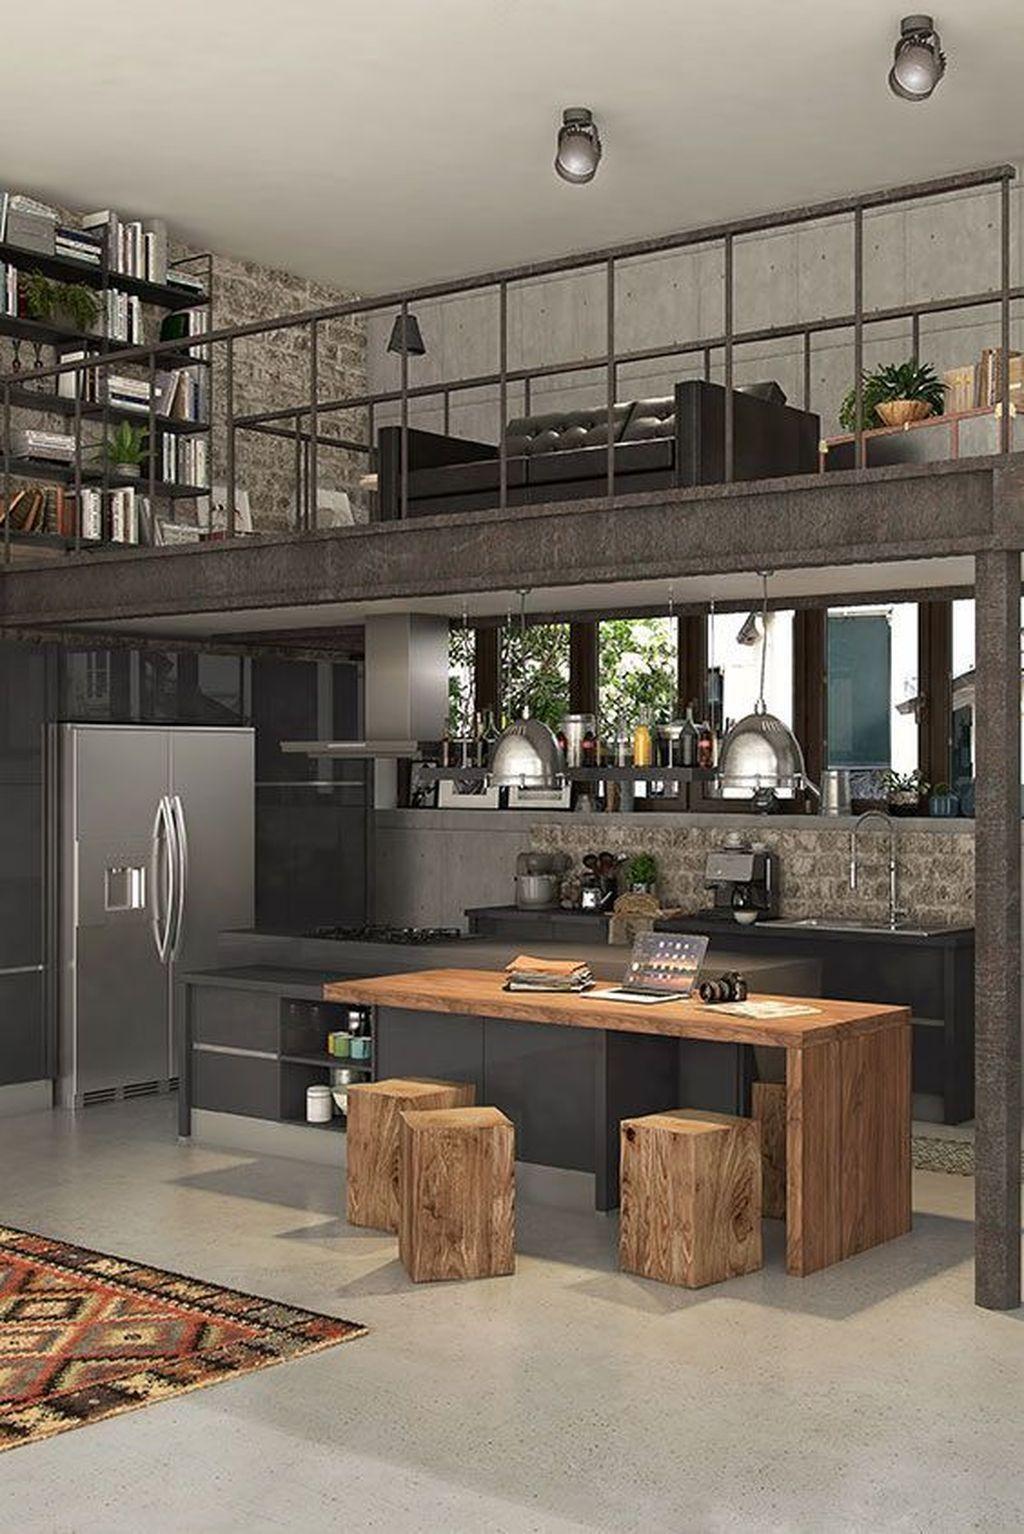 32 The Best Industrial Kitchen Design Ideas Industrial Kitchen Design Industrial Home Design Industrial Interior Design